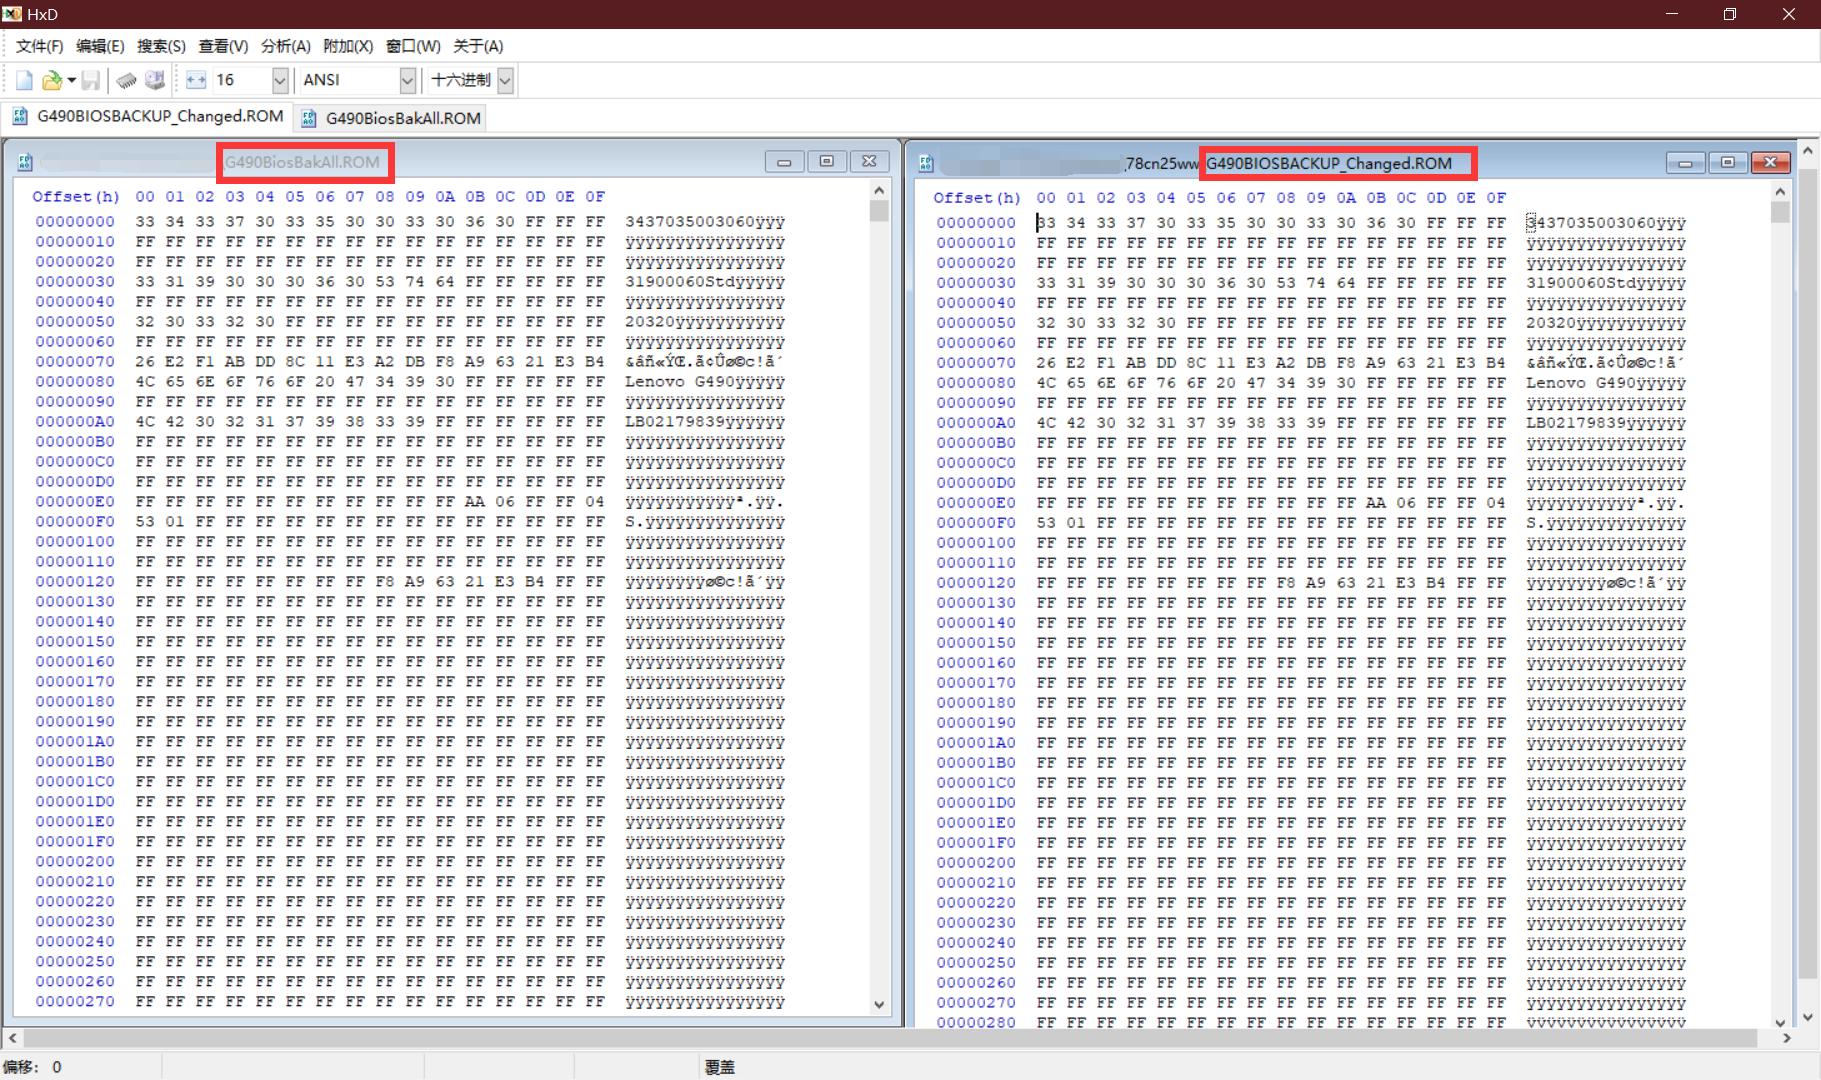 右边是更改过的官方工具BIOS备份文件